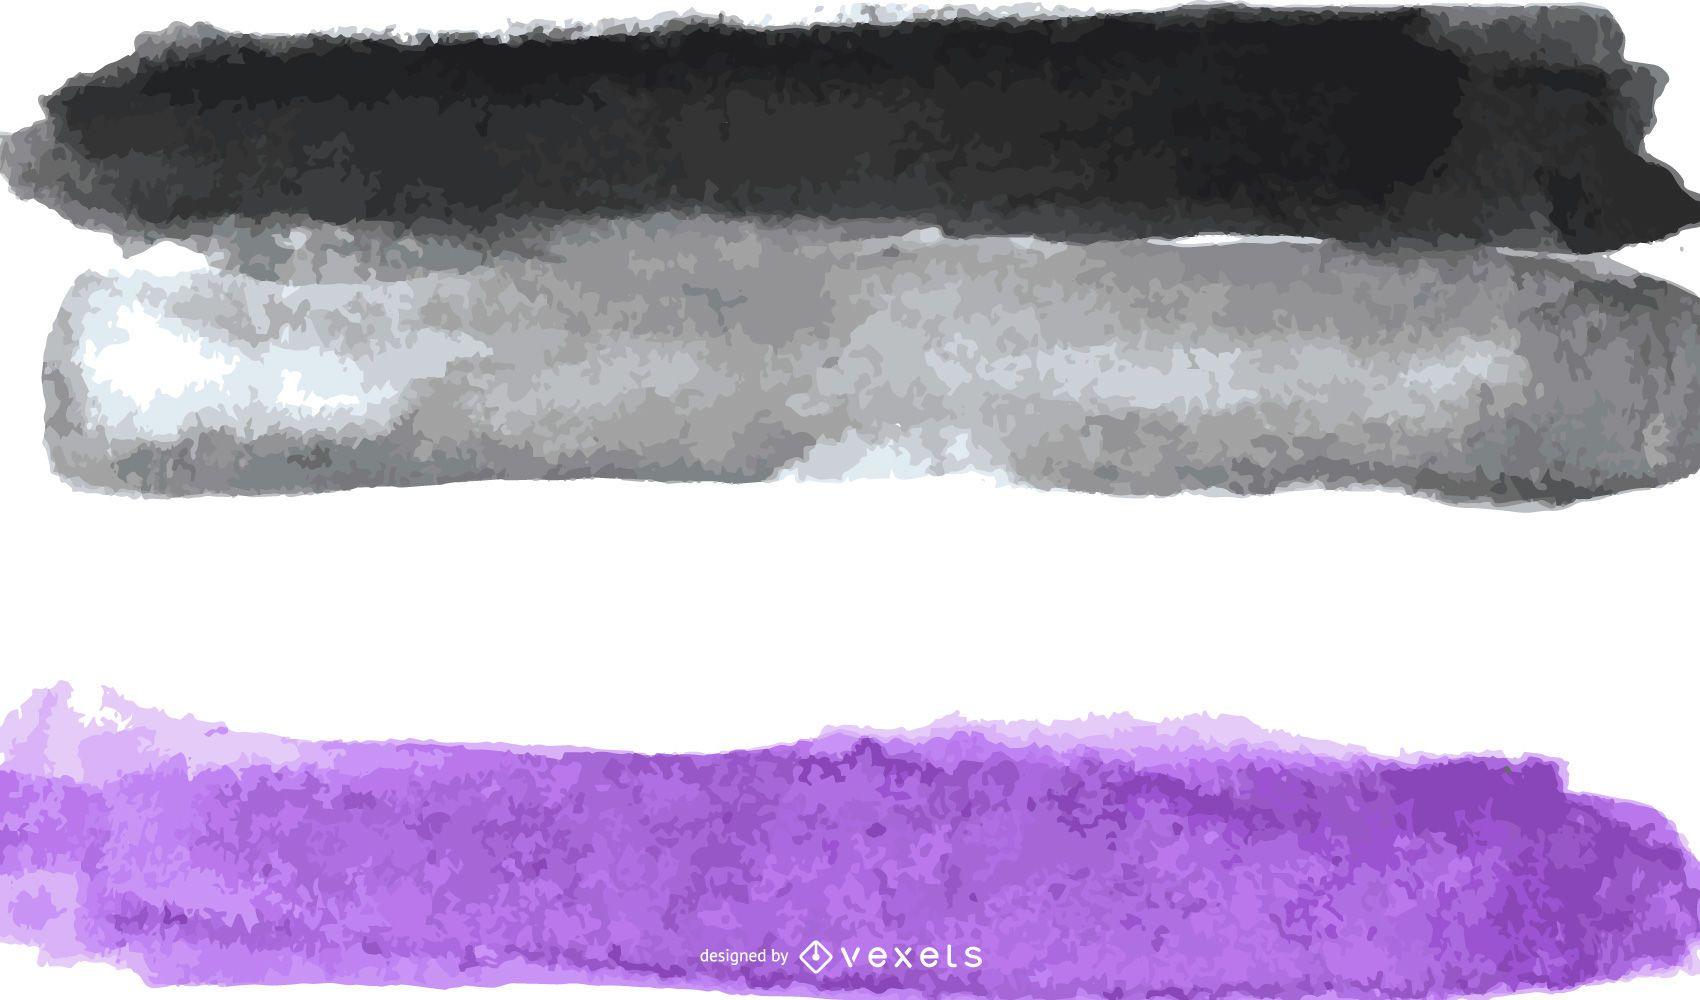 Asexual pride flag watercolor